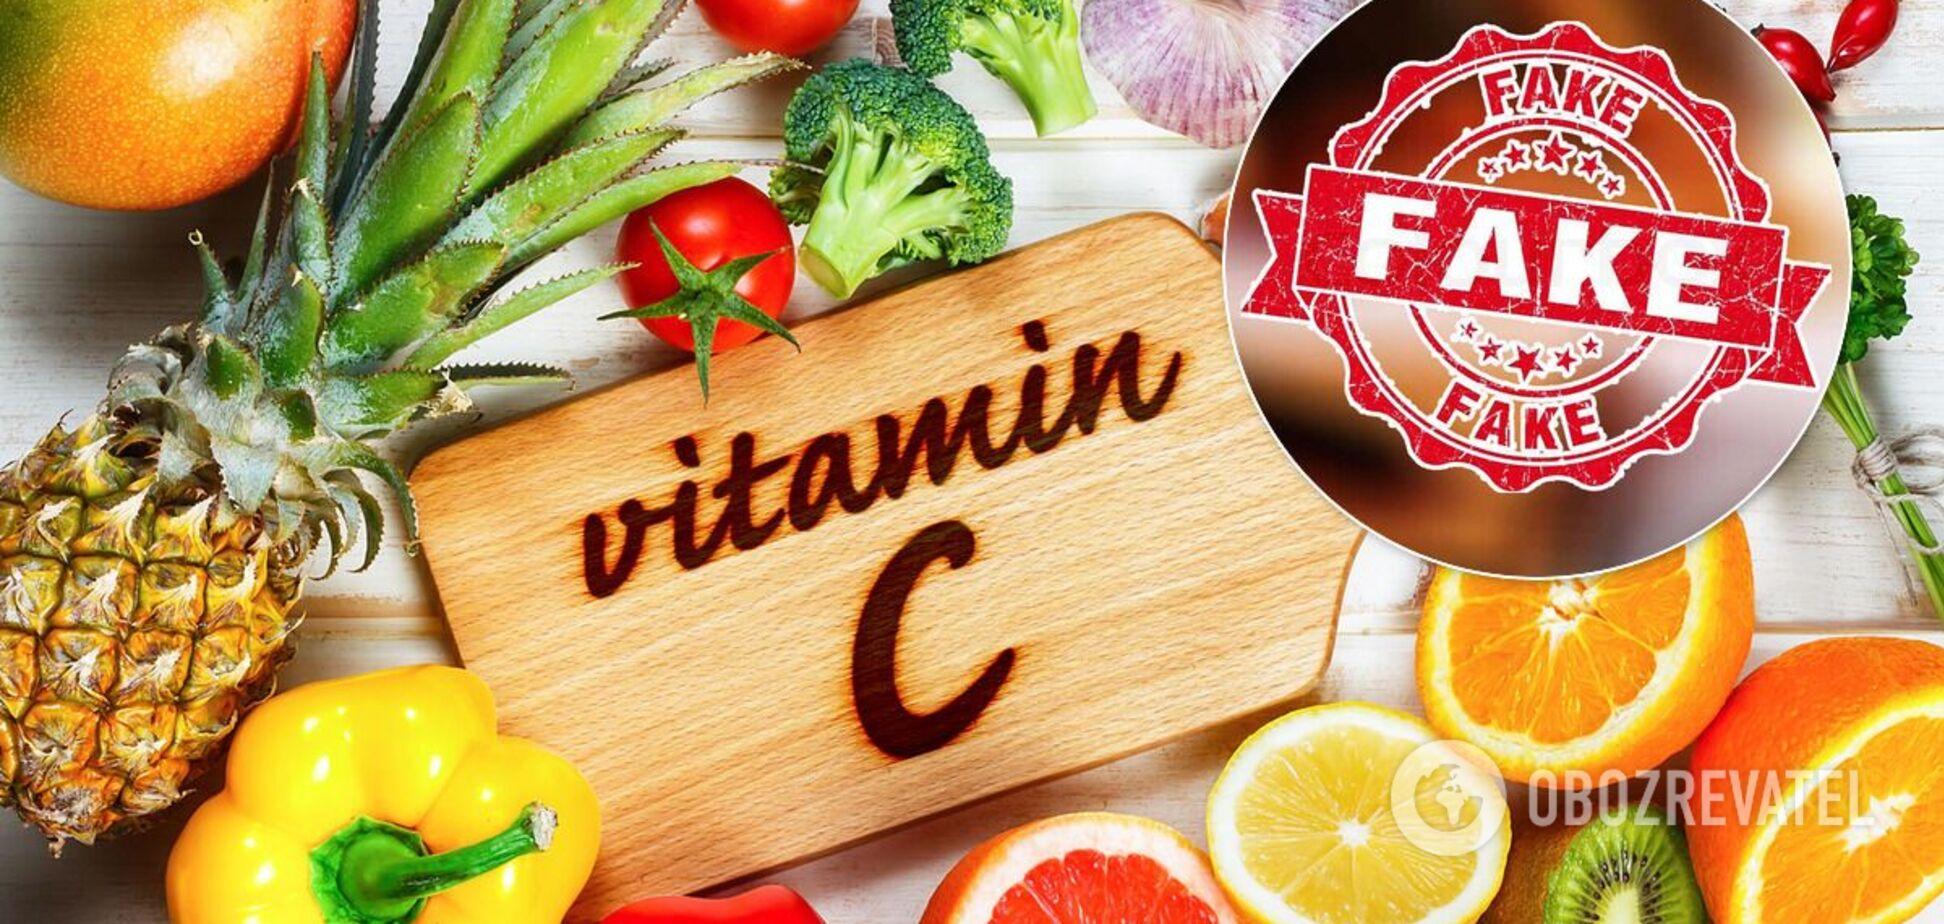 Не треба шукати вітамін С і лимони: лікар спростував популярний міф про коронавірус